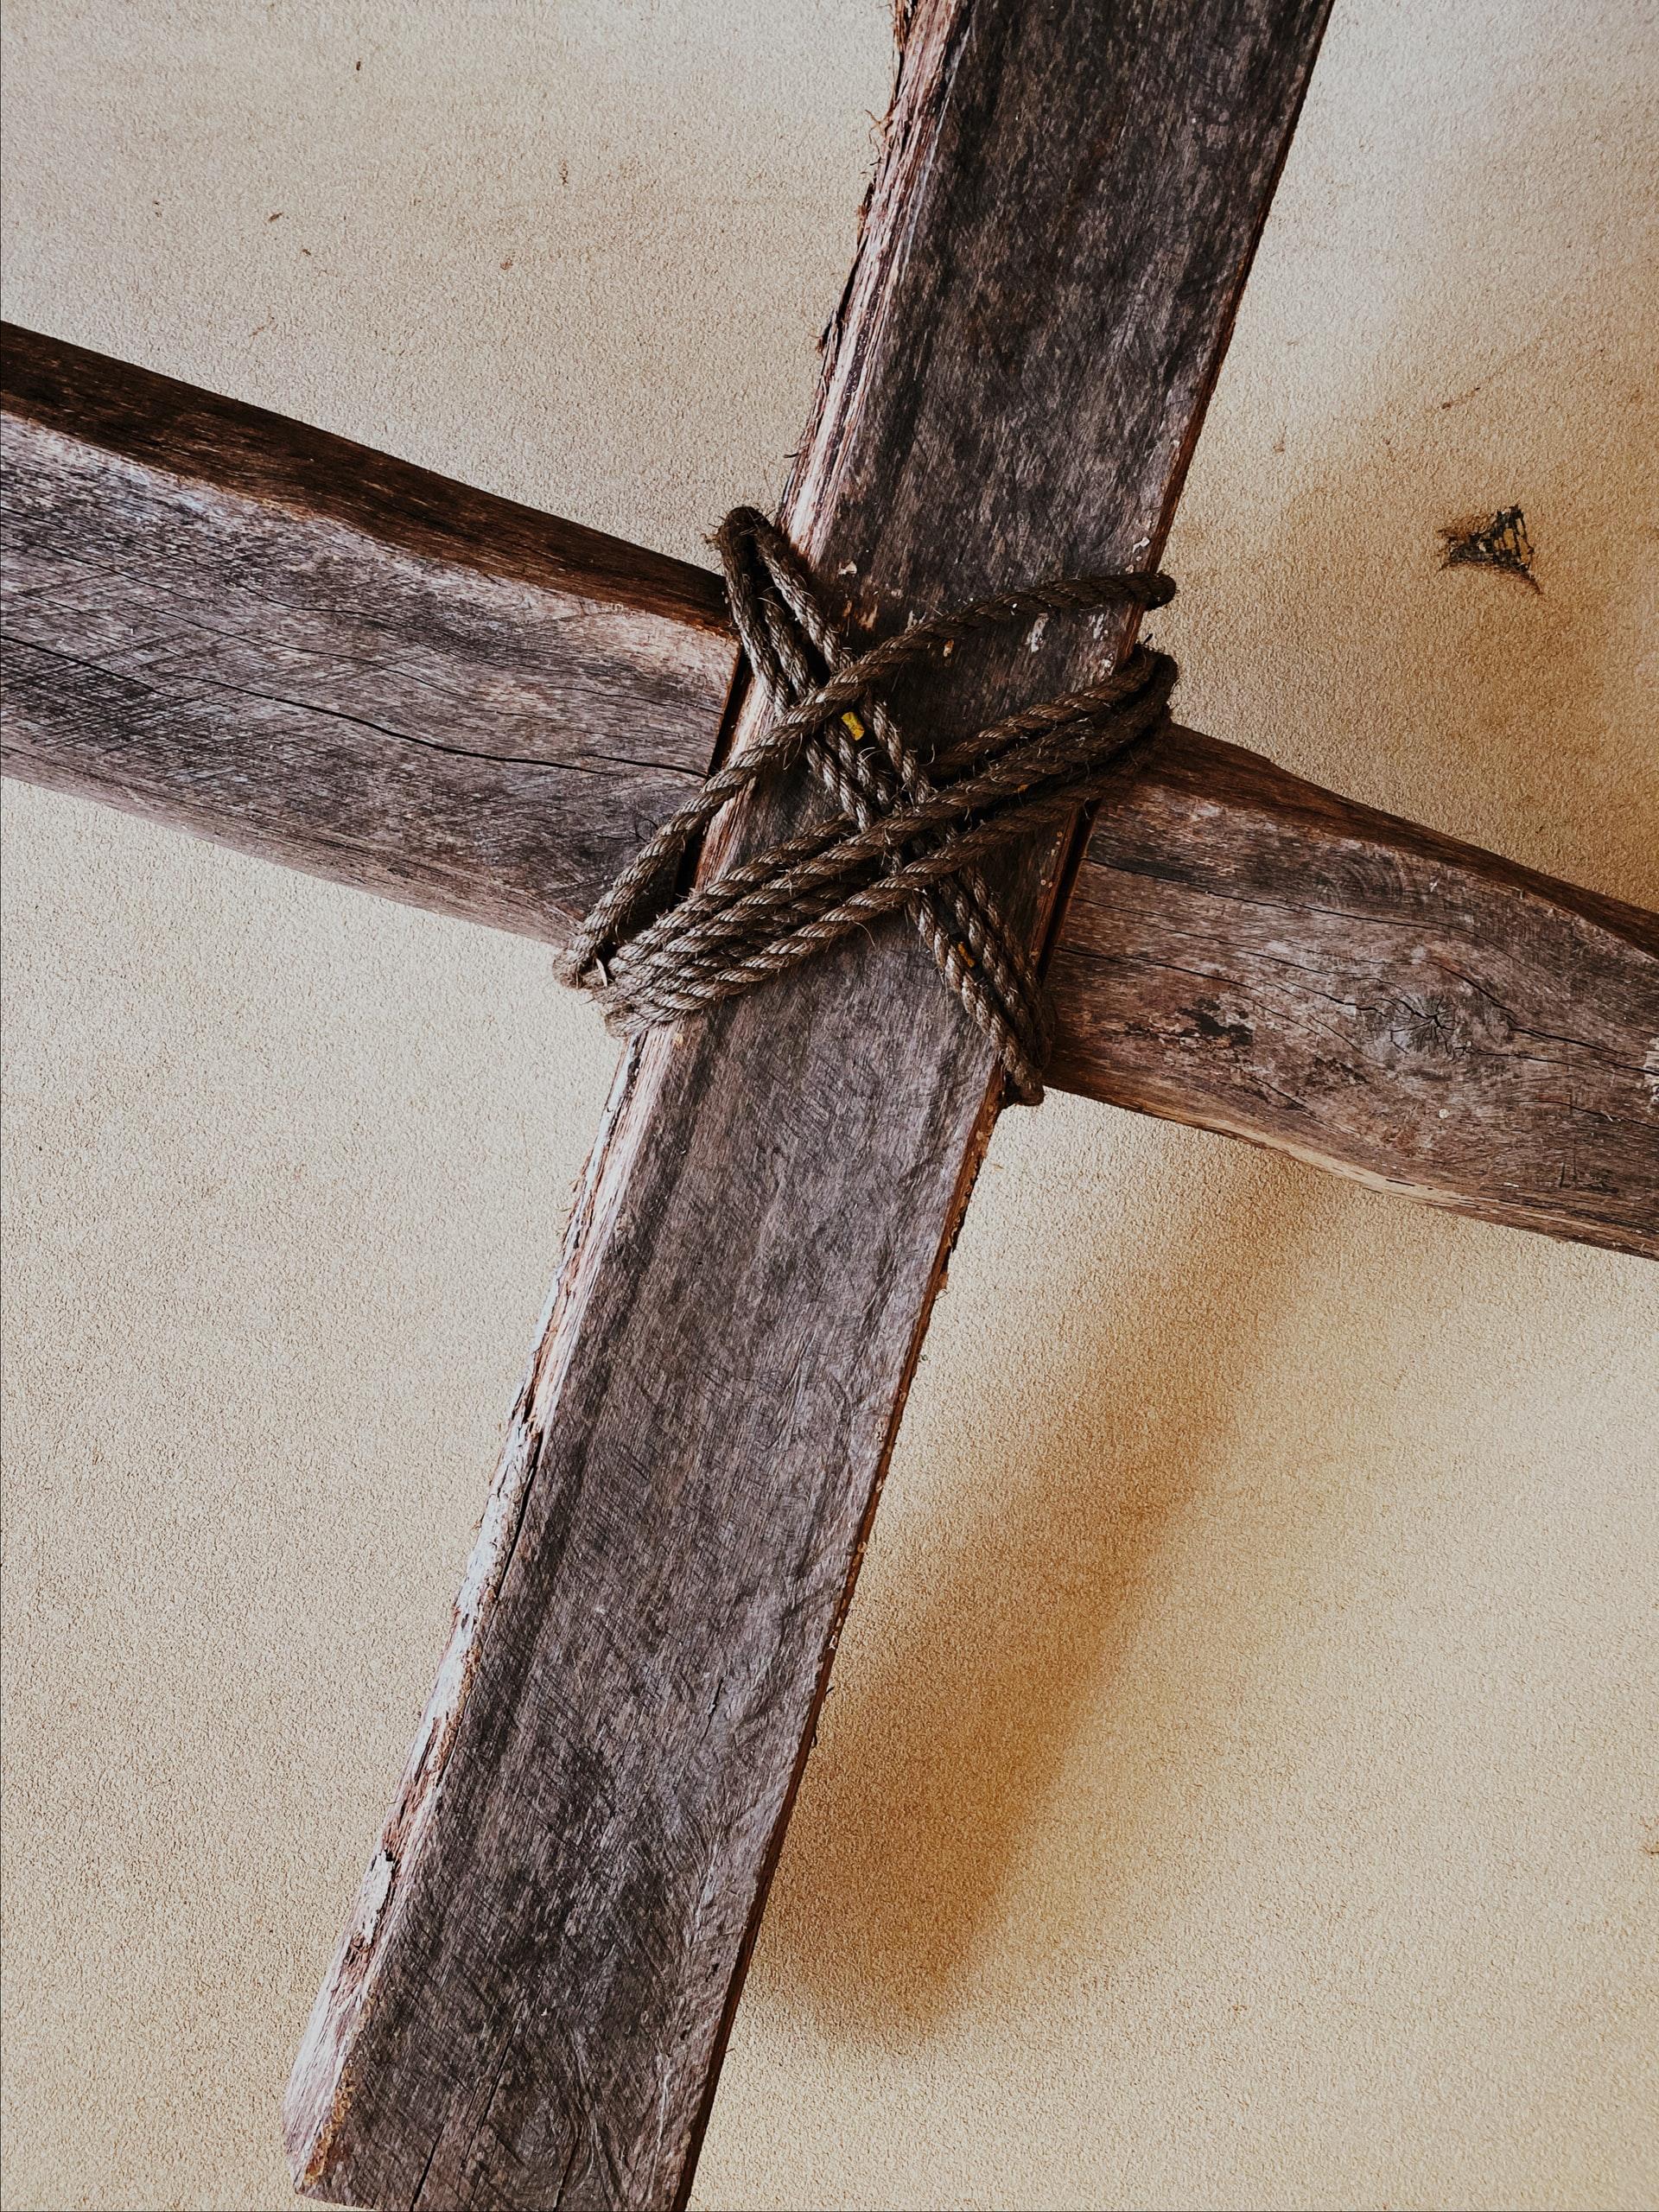 jesus begins his minstry in galilee bsf matthew www.atozmomm.com